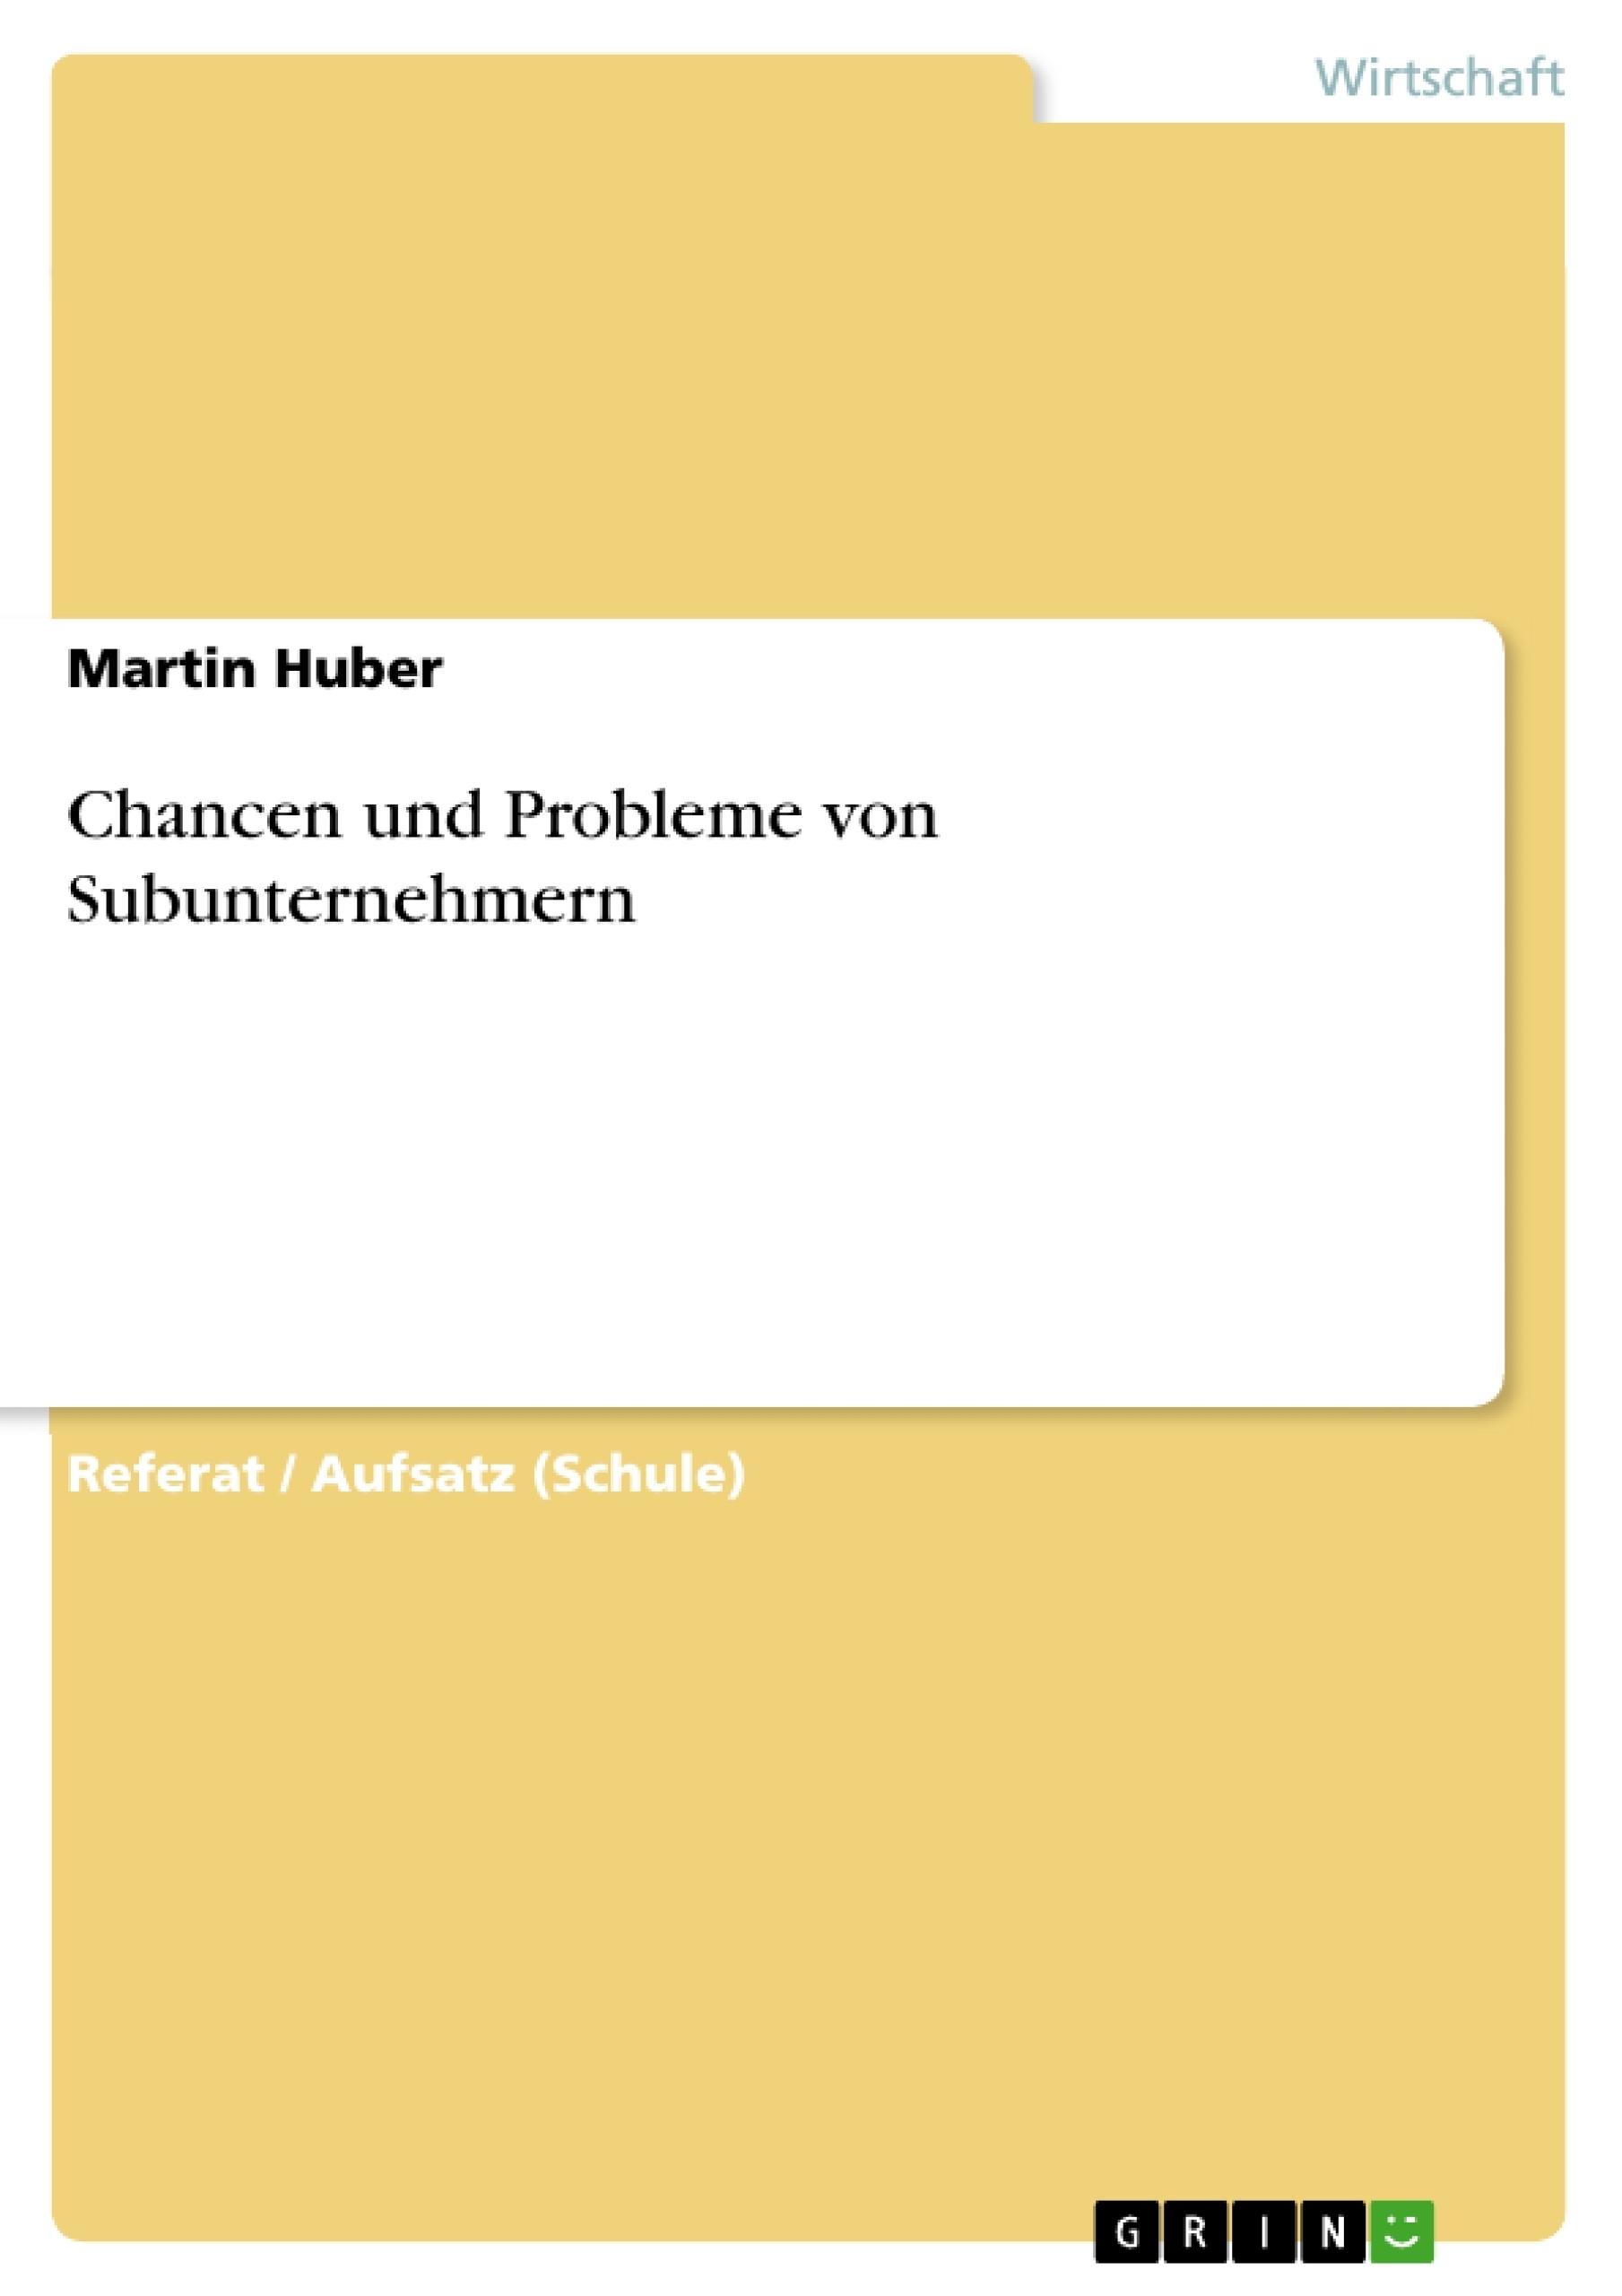 Titel: Chancen und Probleme von Subunternehmern